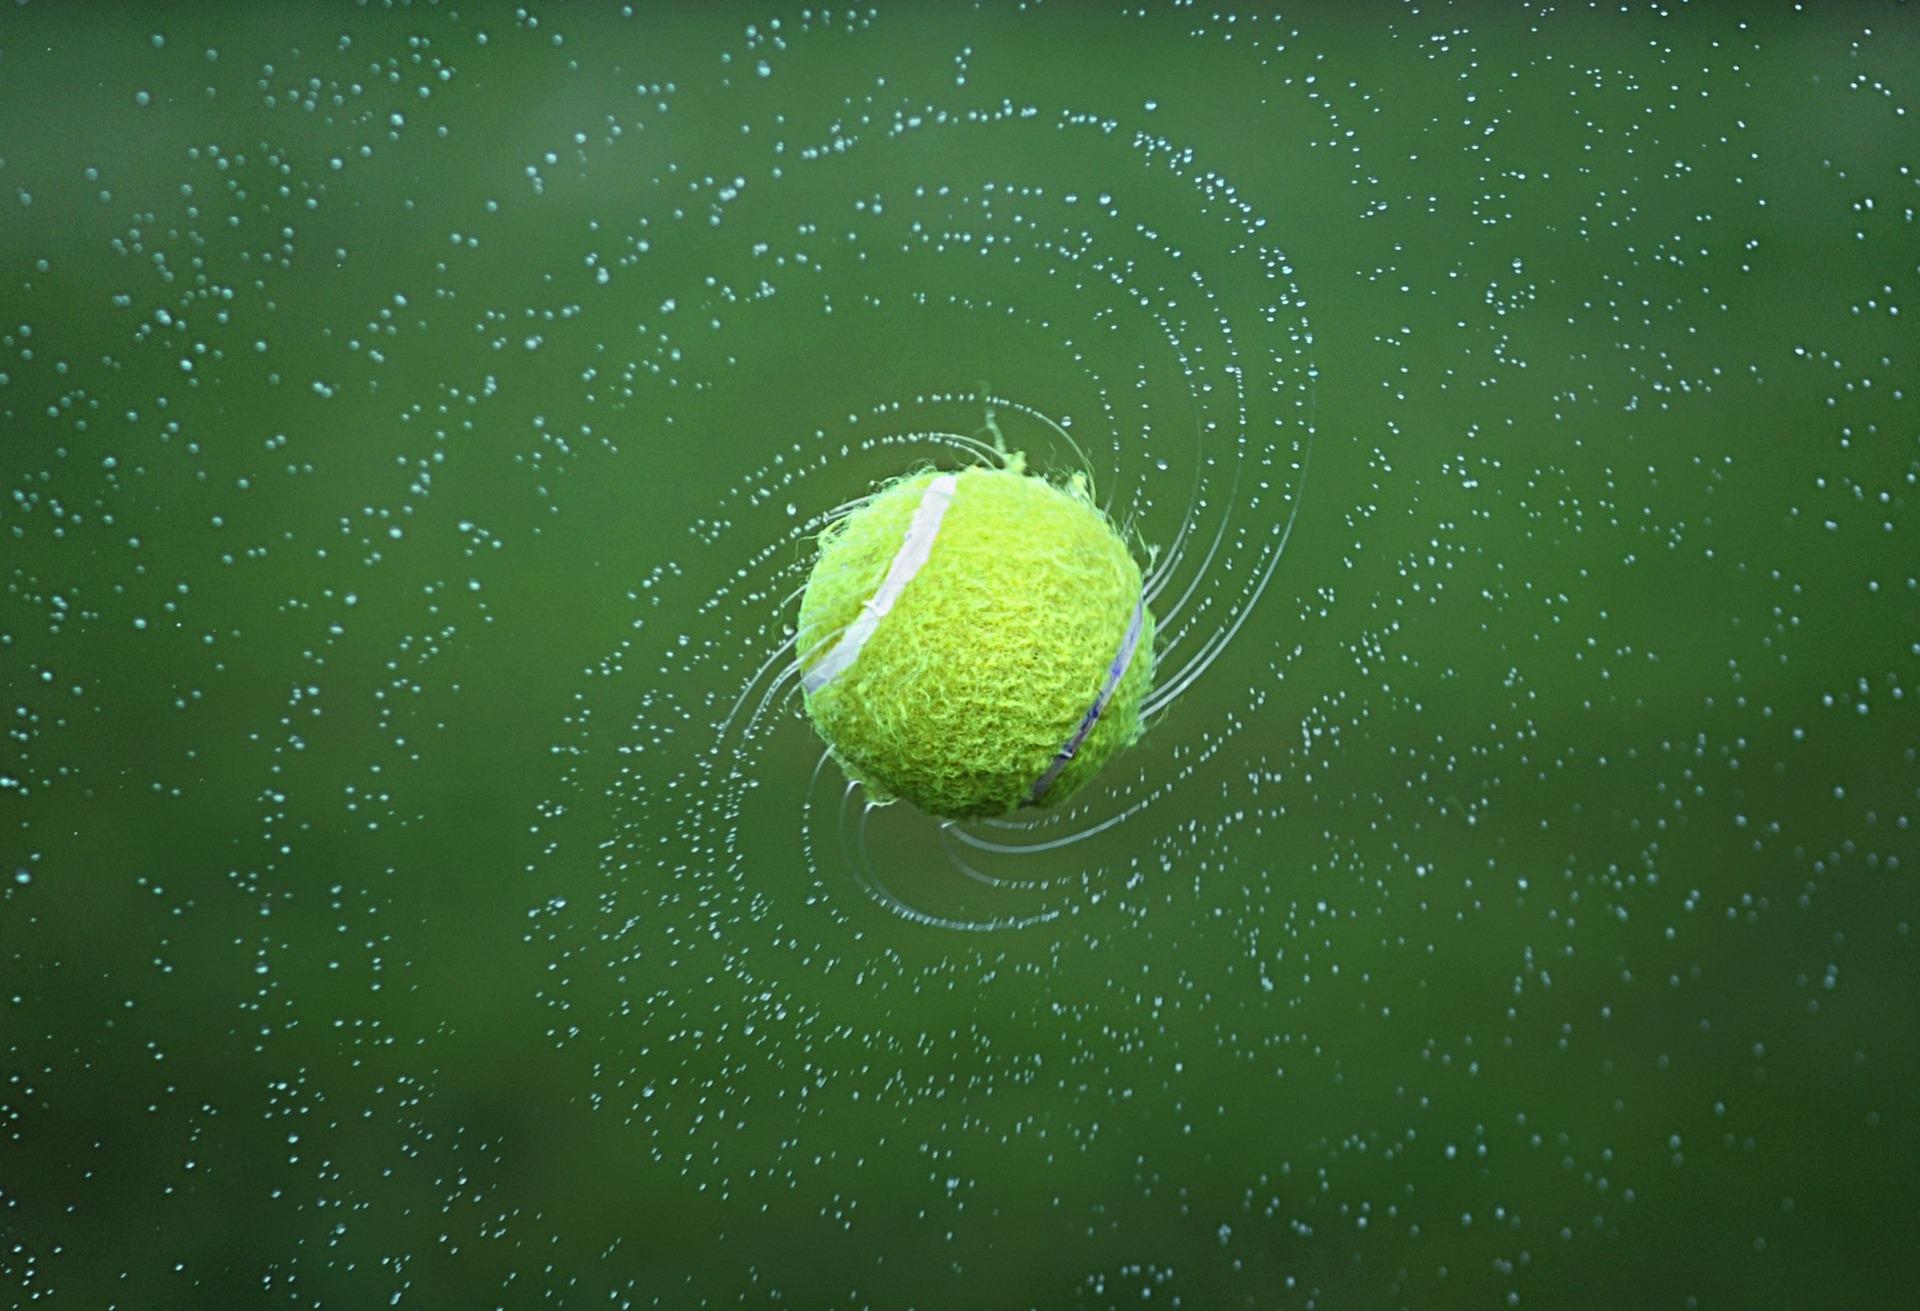 テニス ・ ボール, ボール, テニス, 水, ジロ, グリーン - 壁紙 - 教授-falken.com